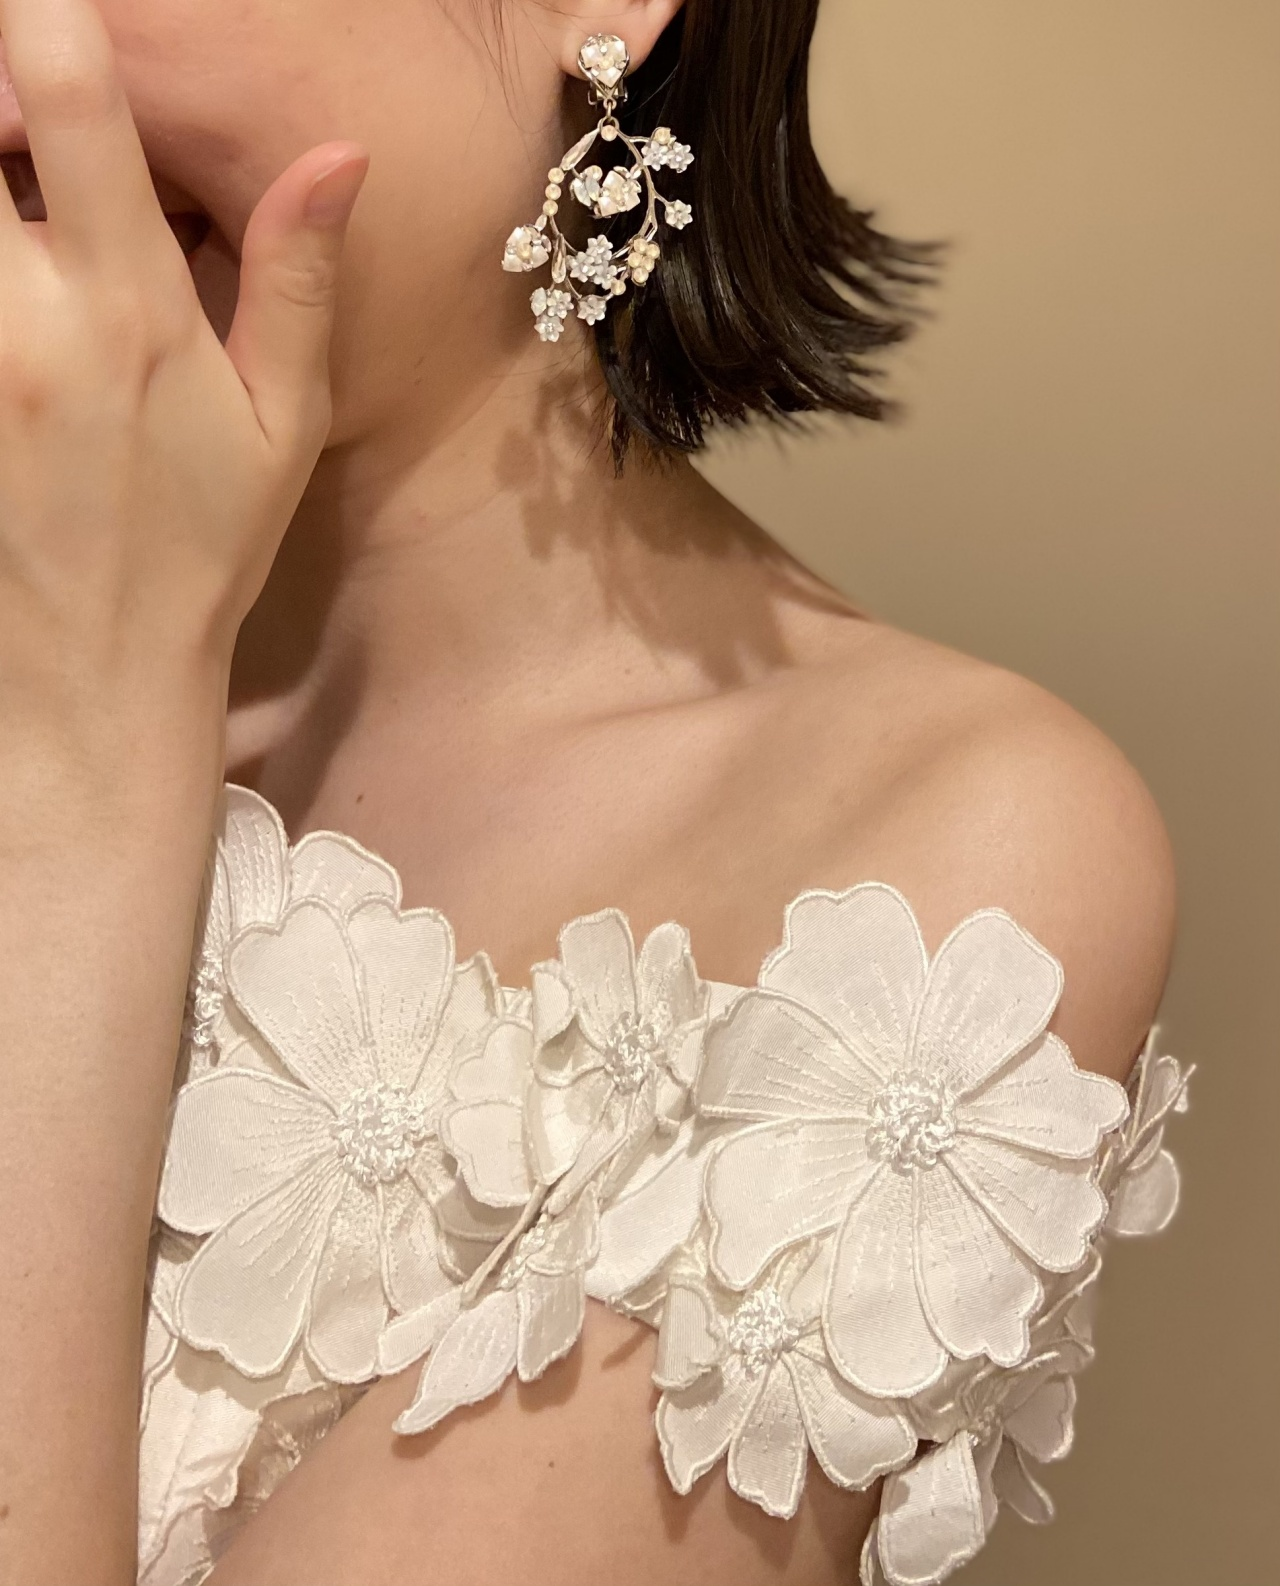 ウィズザスタイルで自然体で居れるマーメイドウエディングドレス